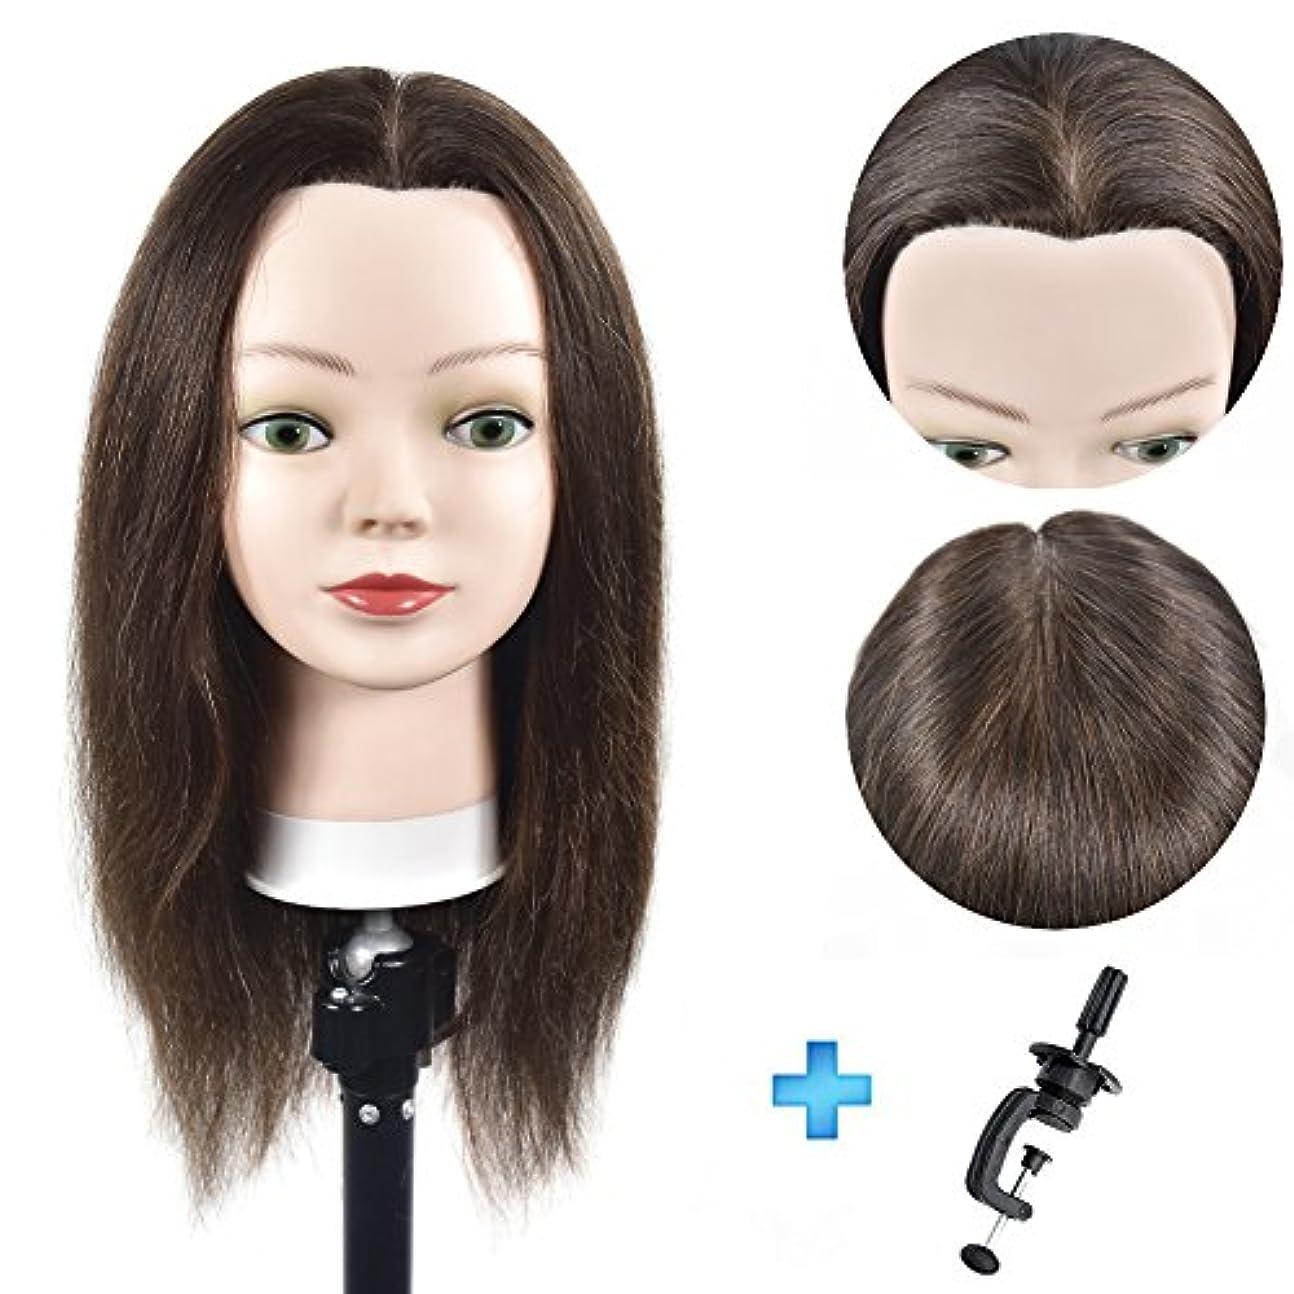 人工惑星汚物16インチマネキンヘッド100%人間の髪の美容師のトレーニングヘッドマネキン美容師の人形ヘッド(テーブルクランプスタンドが含まれています)